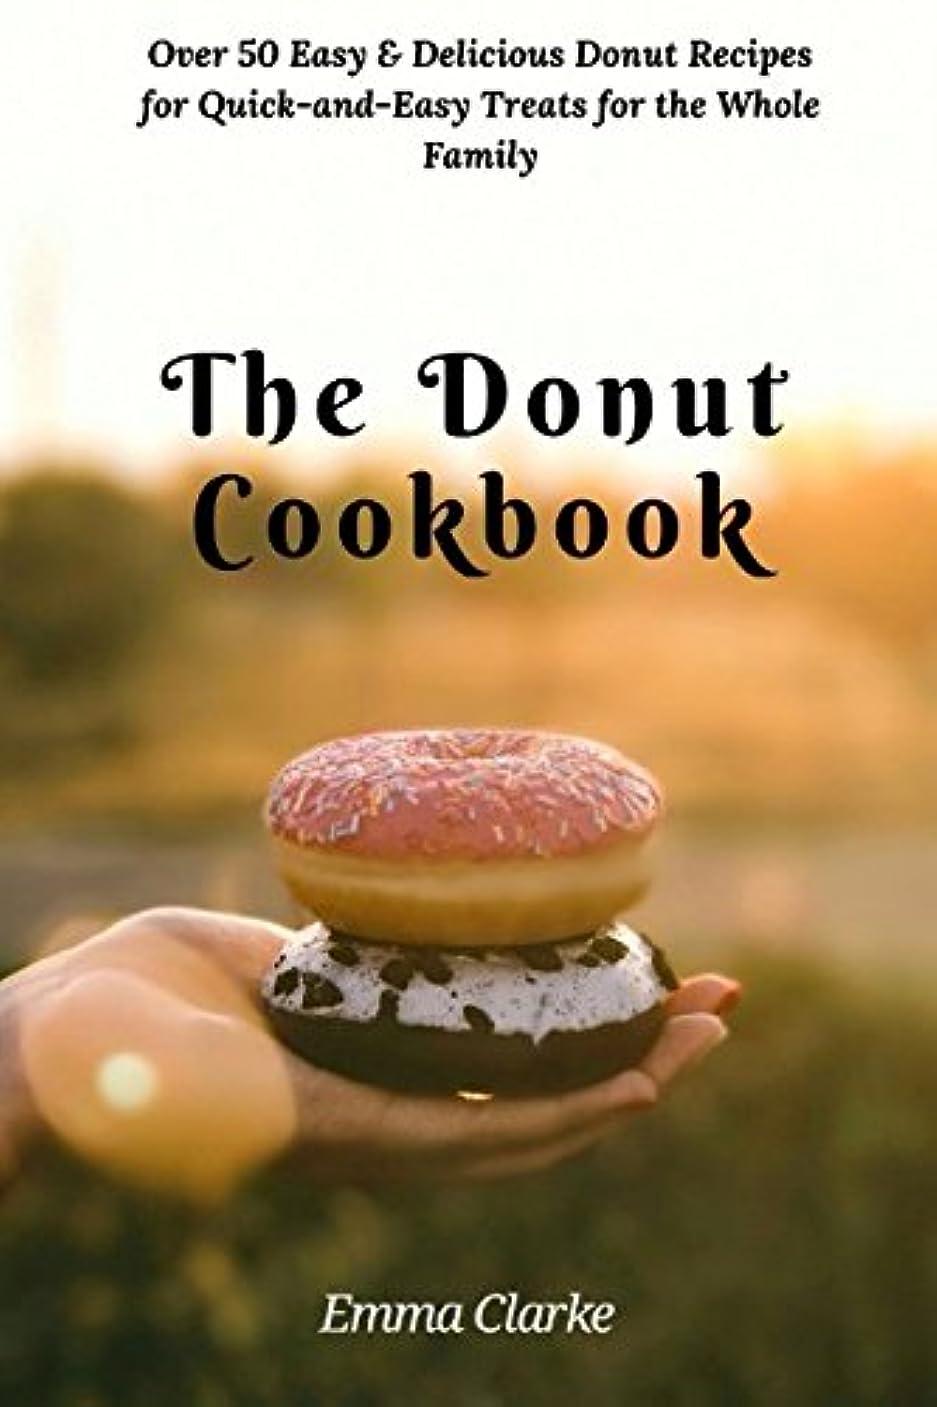 体操選手ハブ変化するThe Donut Cookbook: Over 50 Easy & Delicious Donut Recipes for Quick-and-Easy Treats for the Whole Family (Easy meal)